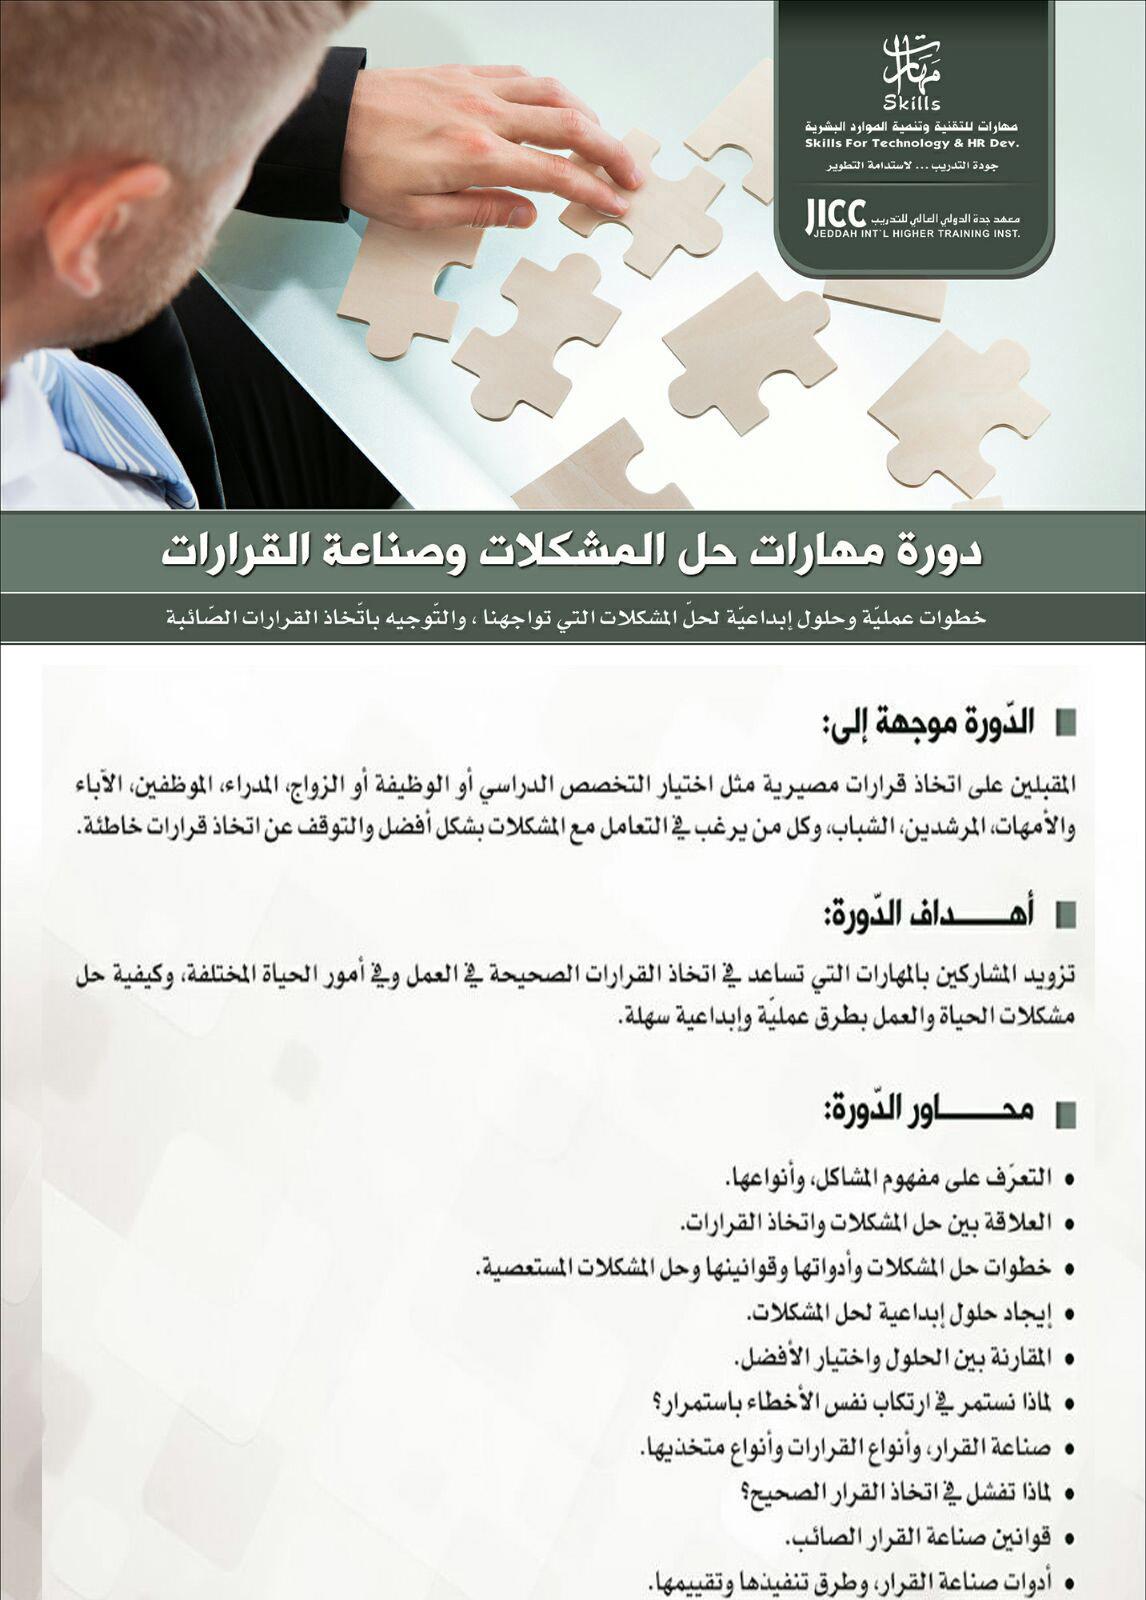 دورة مهارات حل المشكلات و صناعة القرارات